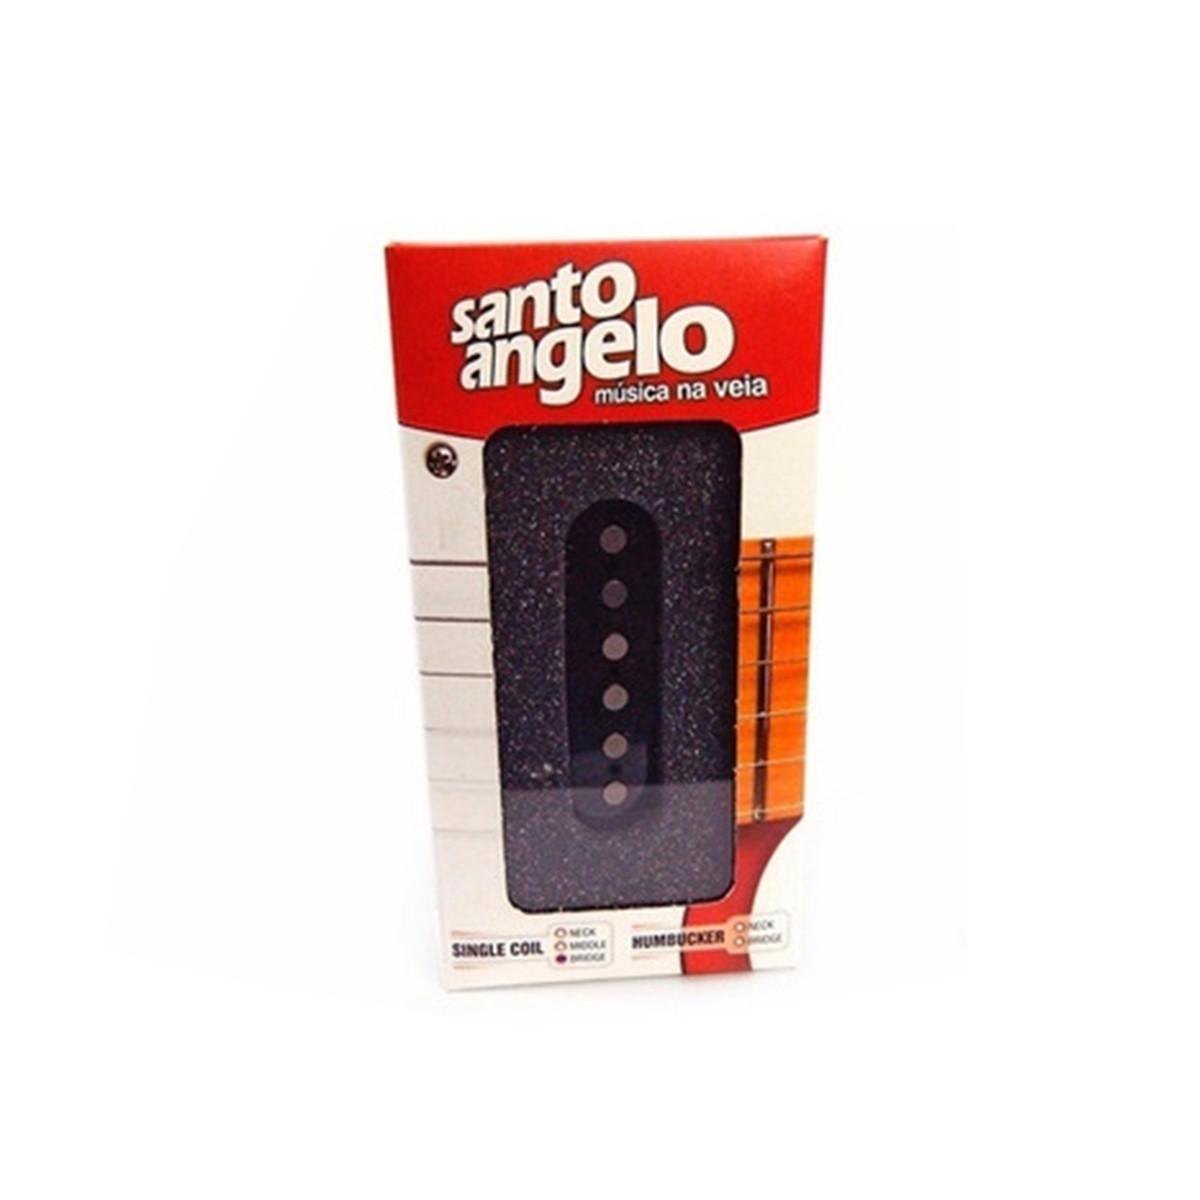 CAPTADOR SINGLE GUITARRA TELECASTER PONTE PRETO - STO ANGELO